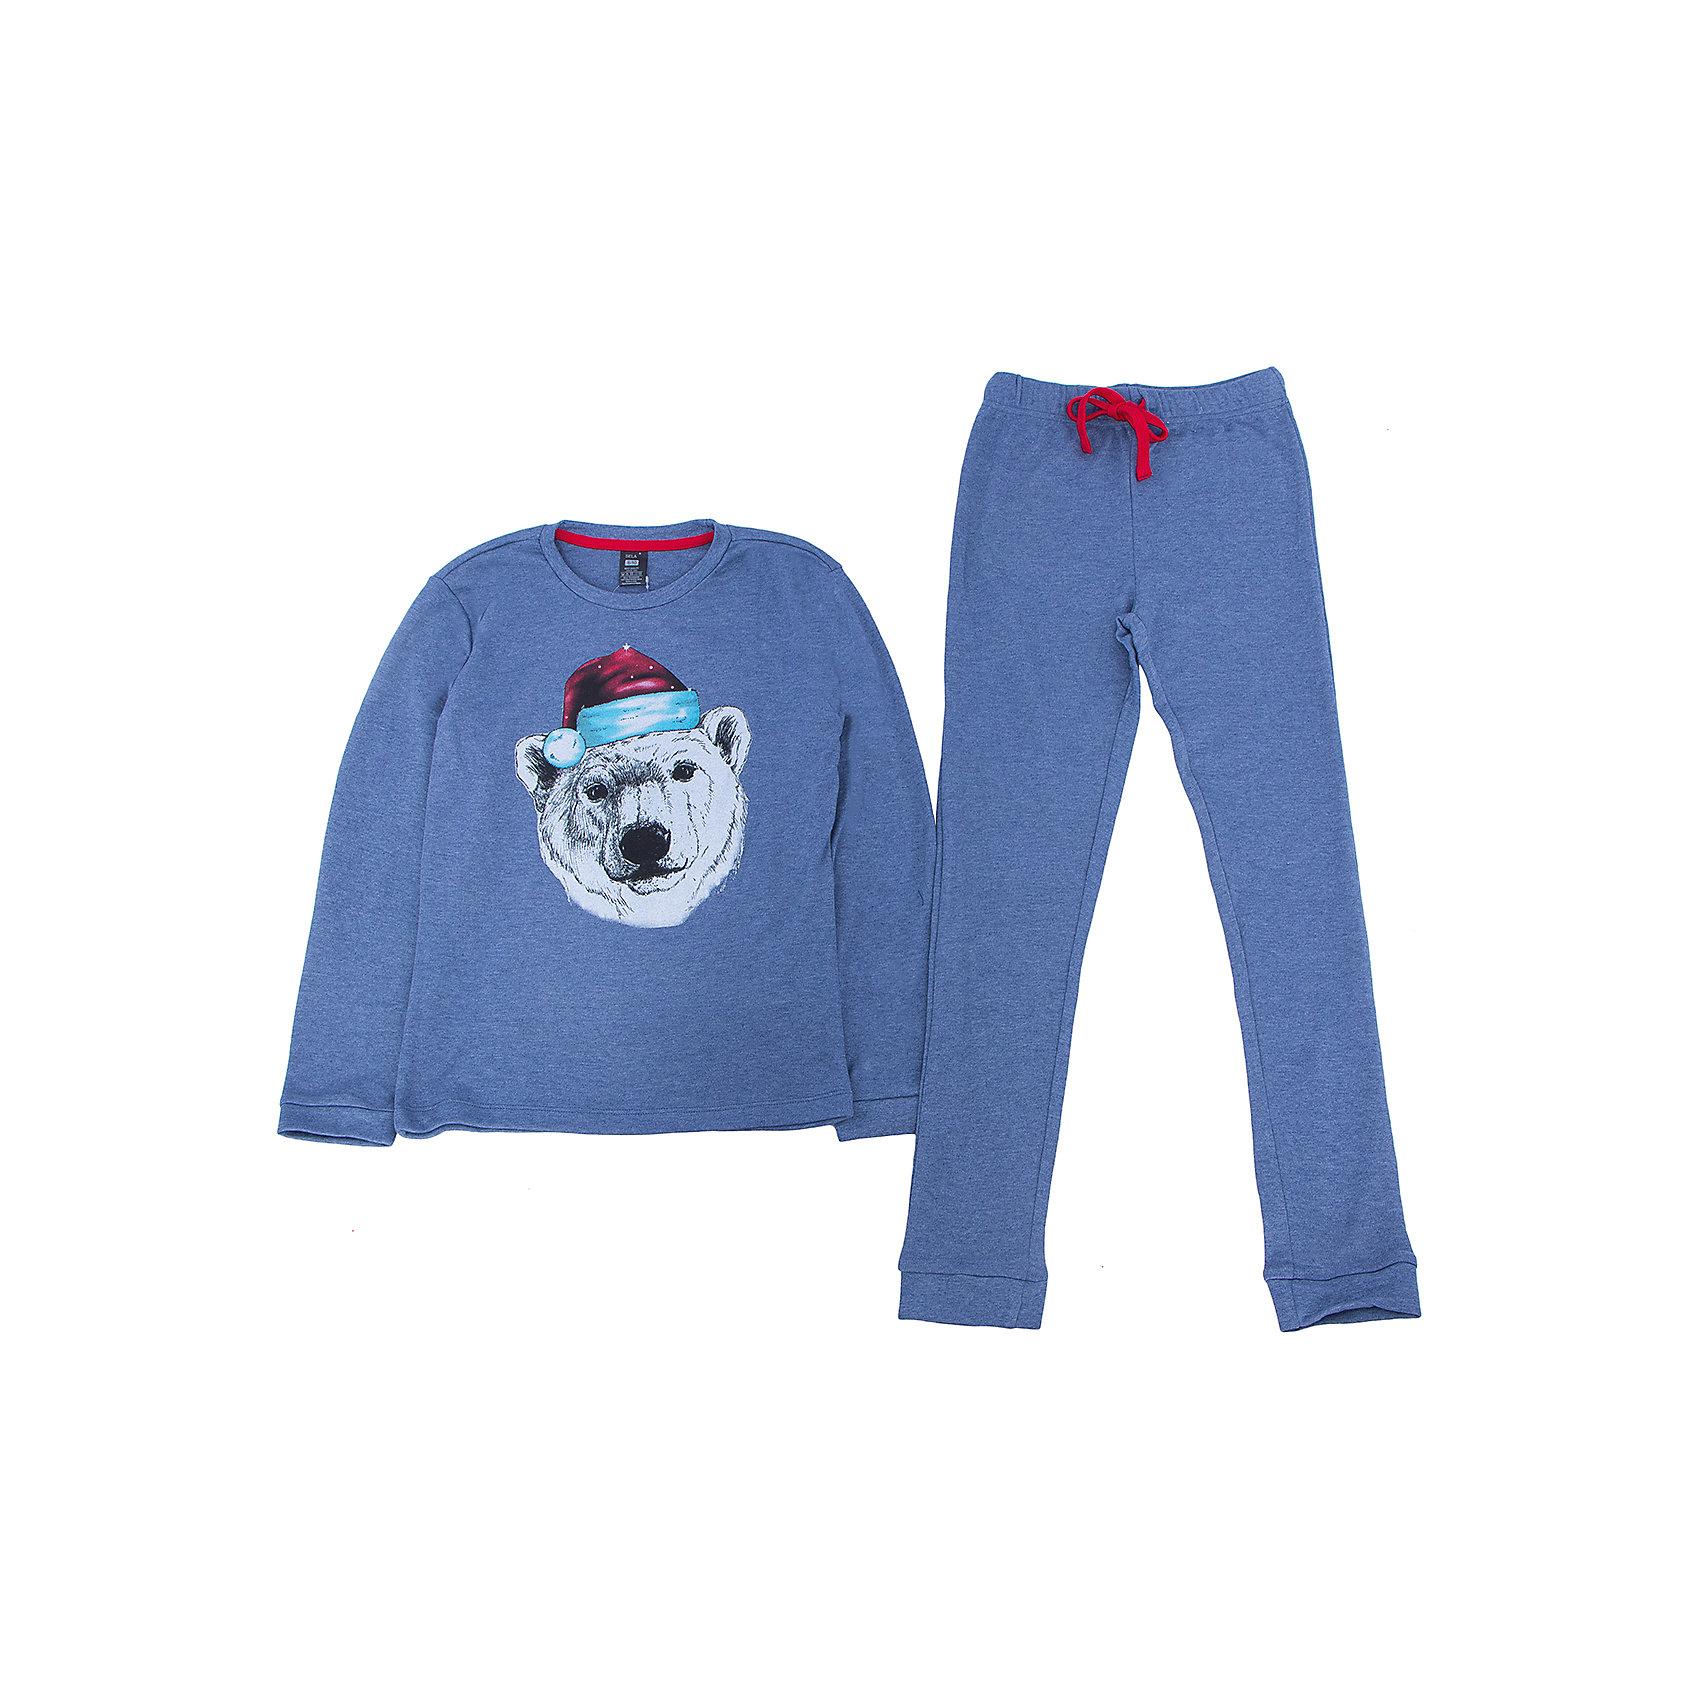 Пижама для мальчика SELAПижама для мальчика из коллекции осень-зима 2016-2017 от известного бренда SELA. Стильная светло-синяя пижама с длинным рукавом и длинными штанами. В комплект входят кофта с резинками на манжетах и штаны в тон, также с резинками на манжетах. На штанах имеется практичный красный шнурок, позволяющий контролировать эластичную резинку. Яркий принт с белым медведем наполняет мыслями о Новогодних праздниках и зимнем веселье.<br> <br>Дополнительная информация:<br>- в комплект входят: кофта и штаны <br><br>Состав: 35% хлопок 65% ПЭ <br><br>Пижаму для мальчиков Sela можно купить в нашем интернет-магазине.<br>.<br>Подробнее:<br>• Для детей в возрасте: от 6 до 12 лет<br>• Номер товара: 4913308<br>Страна производитель: Индия<br><br>Ширина мм: 281<br>Глубина мм: 70<br>Высота мм: 188<br>Вес г: 295<br>Цвет: синий<br>Возраст от месяцев: 96<br>Возраст до месяцев: 108<br>Пол: Мужской<br>Возраст: Детский<br>Размер: 128/134,92/98,104/110,116/122<br>SKU: 4913307